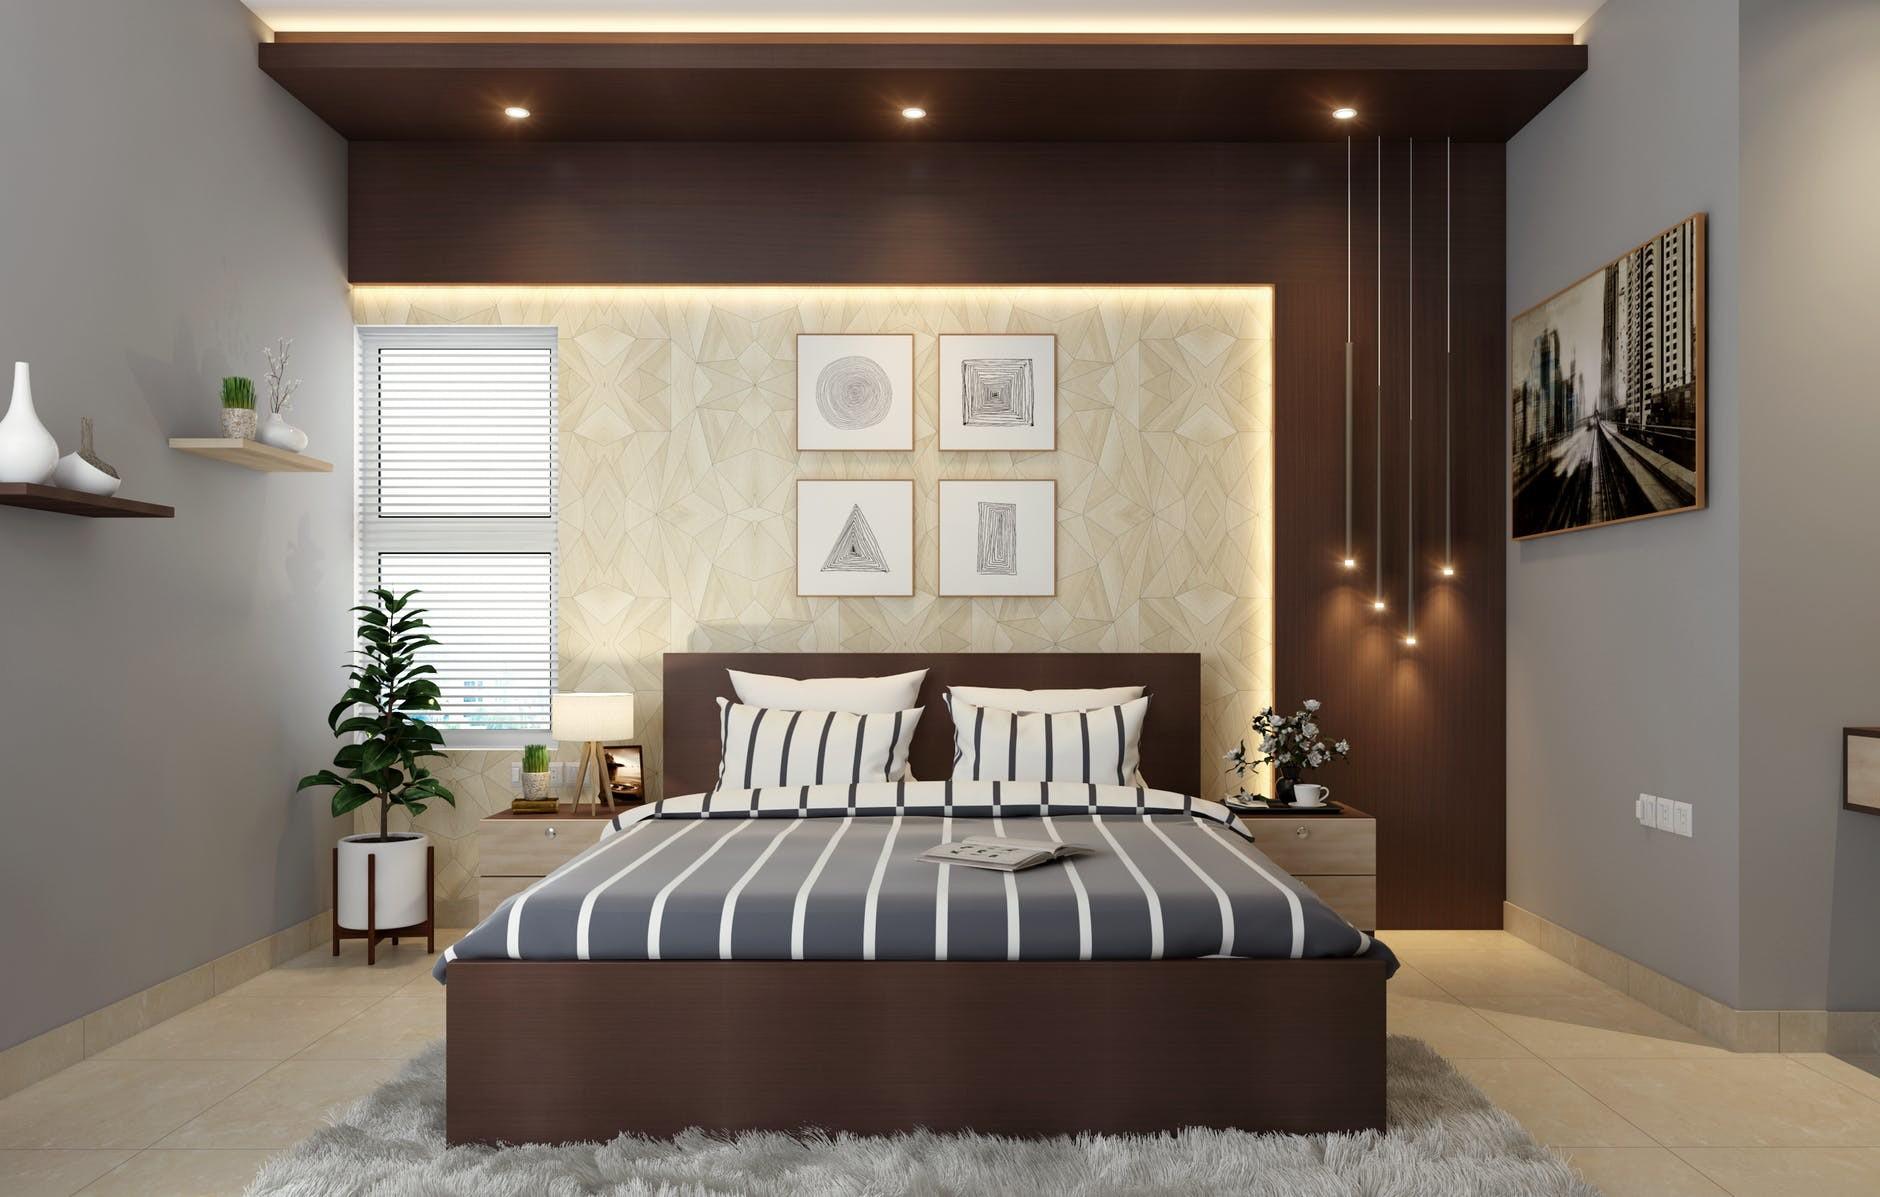 Camere da letto ikea catalogo 2020: Camera Da Letto Moderna Da Mondo Convenienza A Ikea